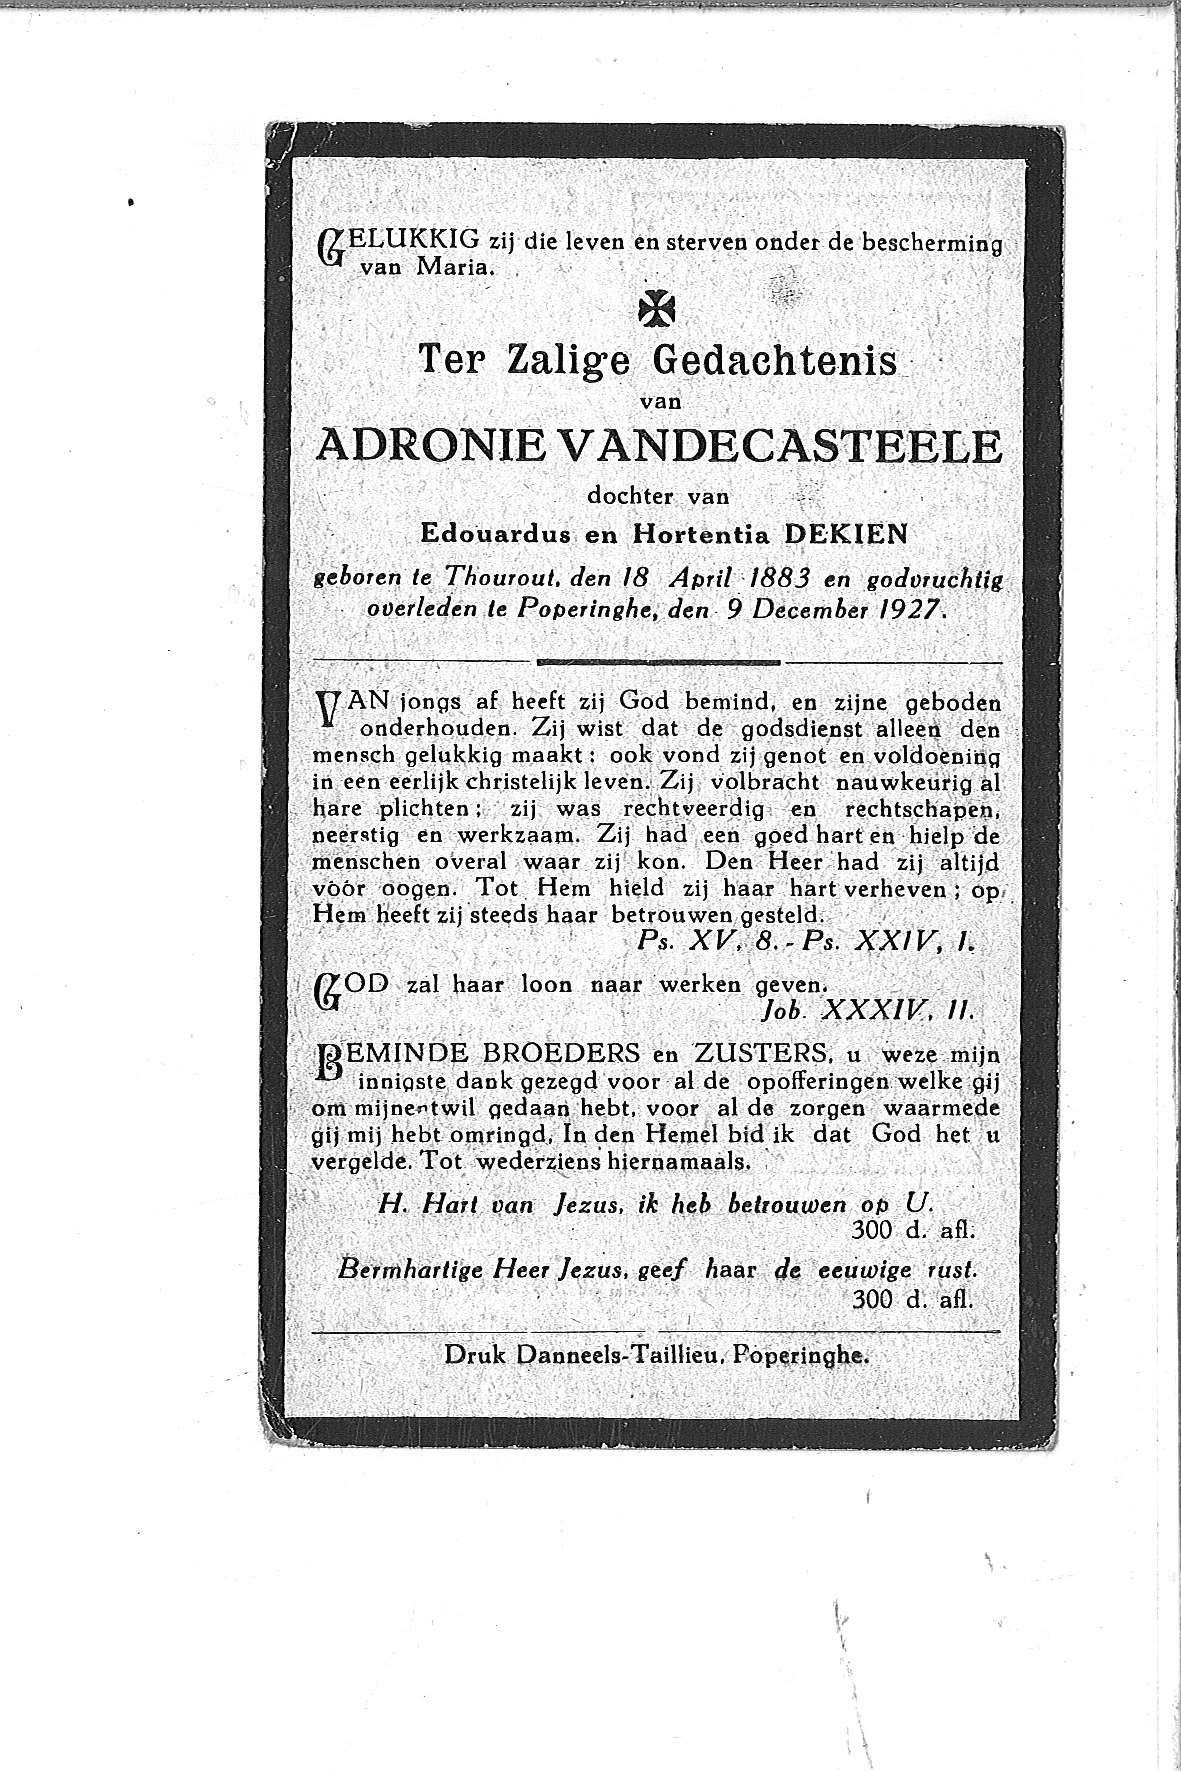 Adronie(1927)20140110132504_00010.jpg